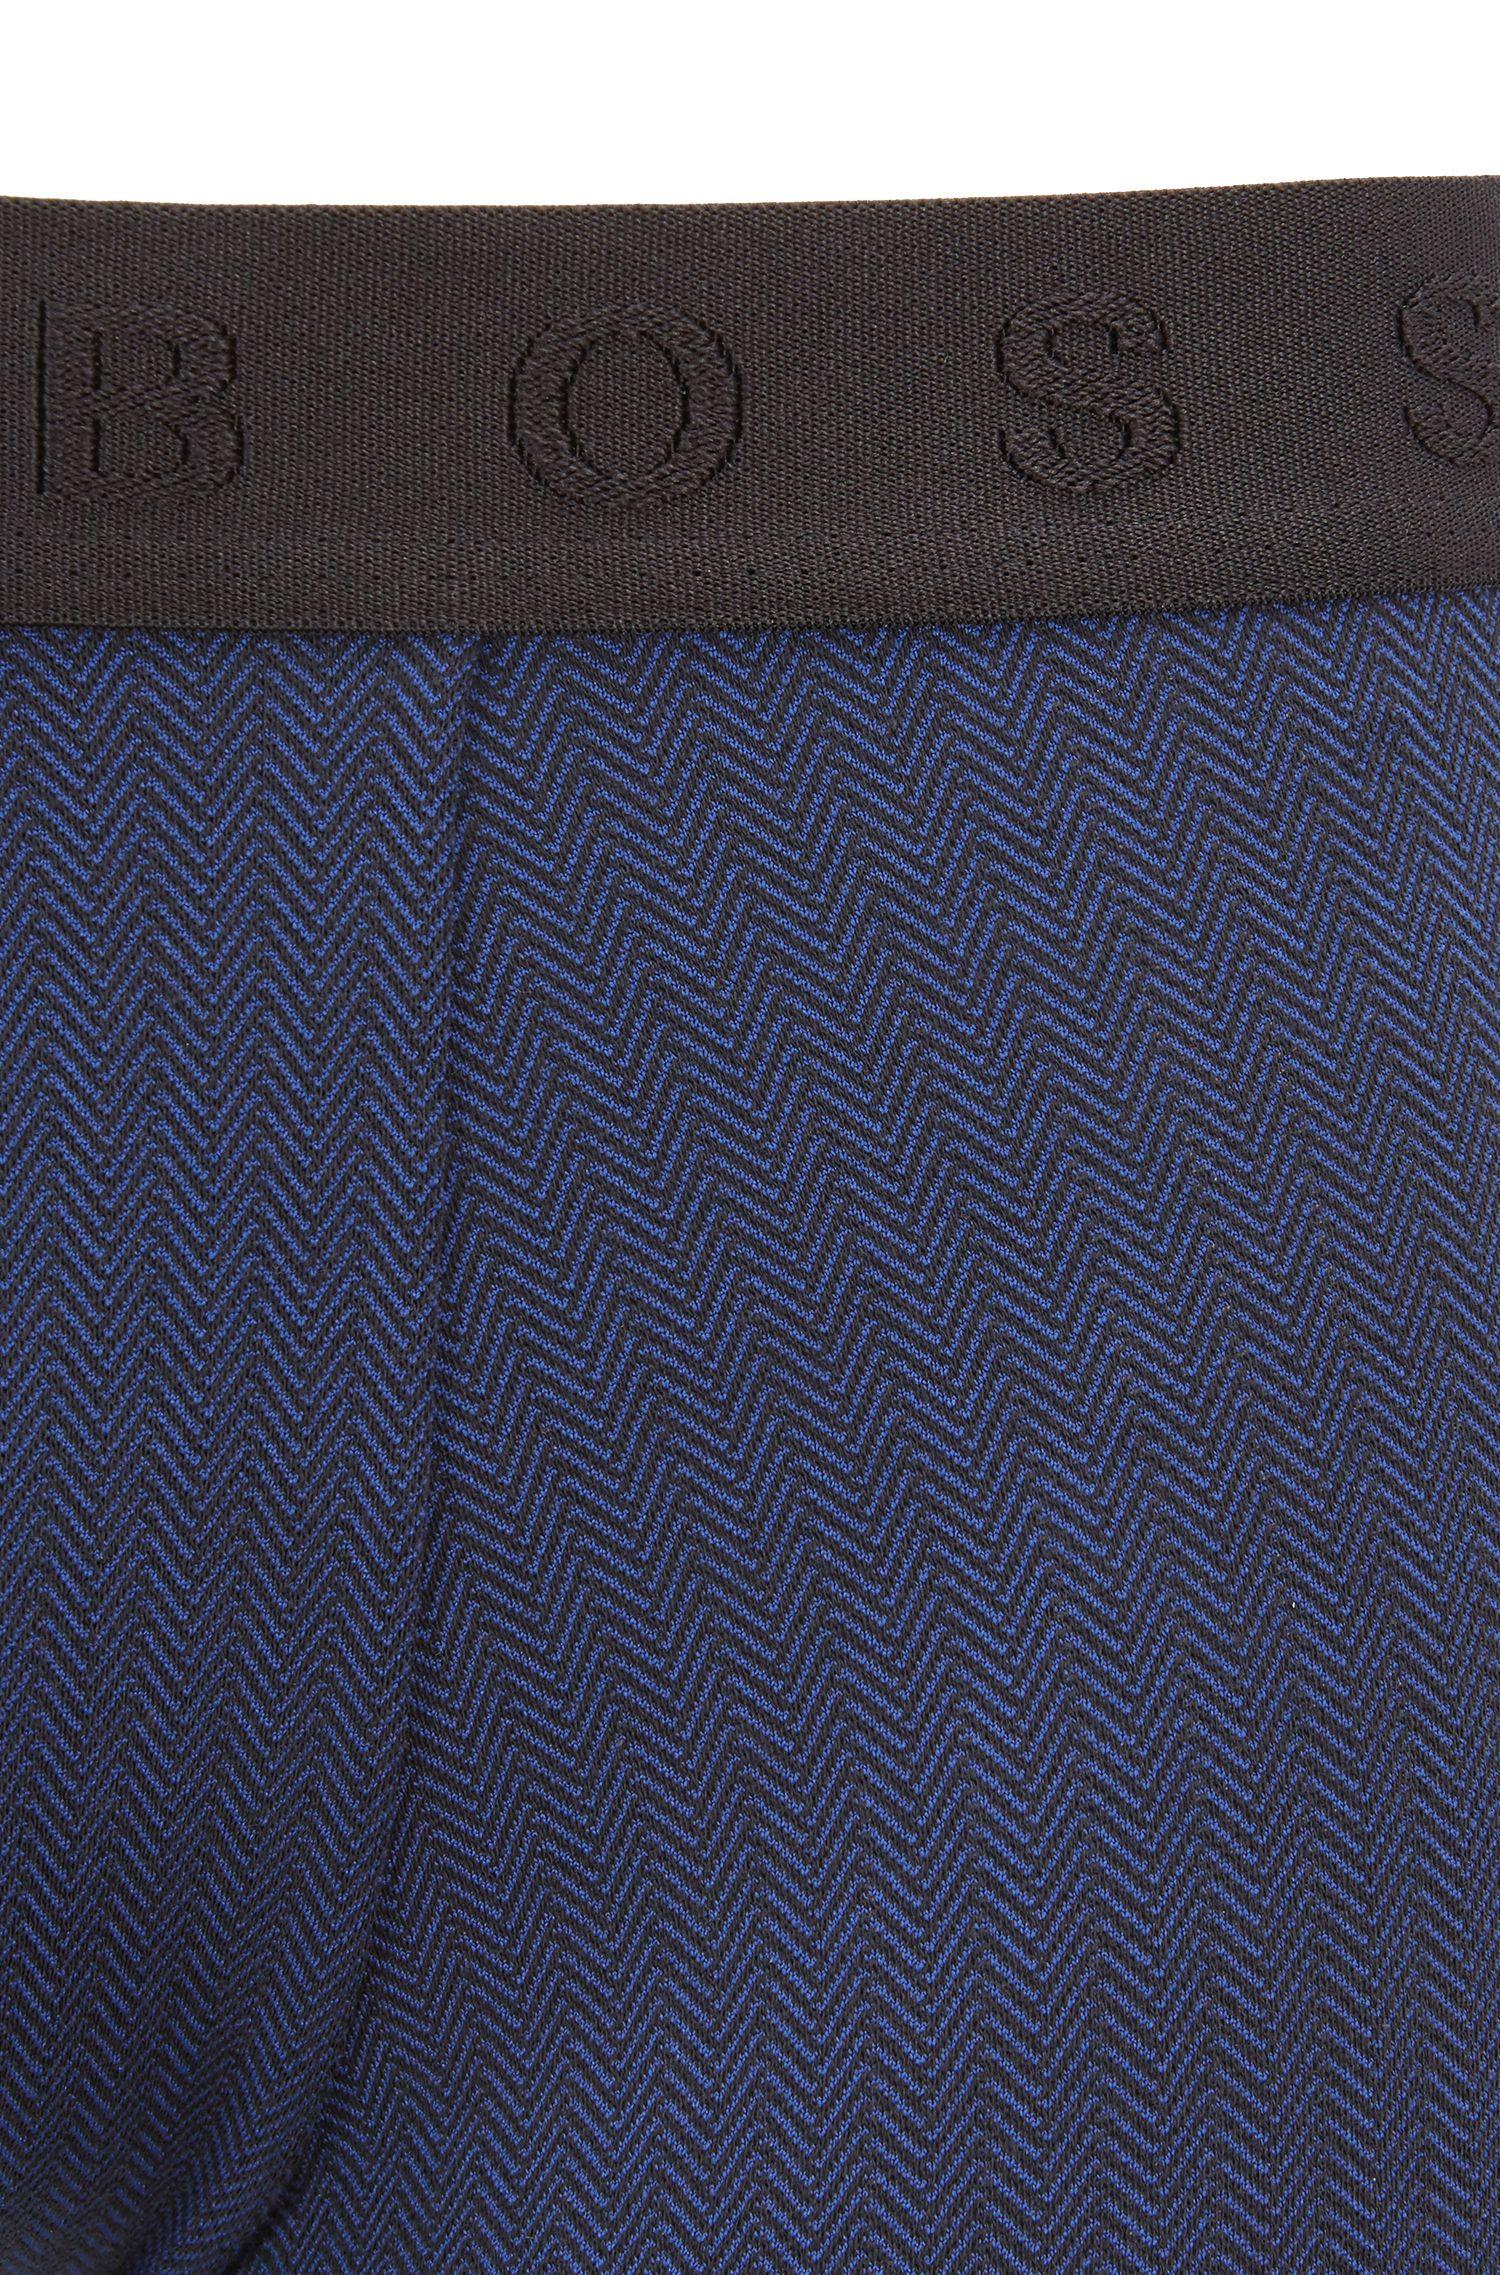 Straight-cut trunks in a herringbone stretch-cotton blend, Open Blue